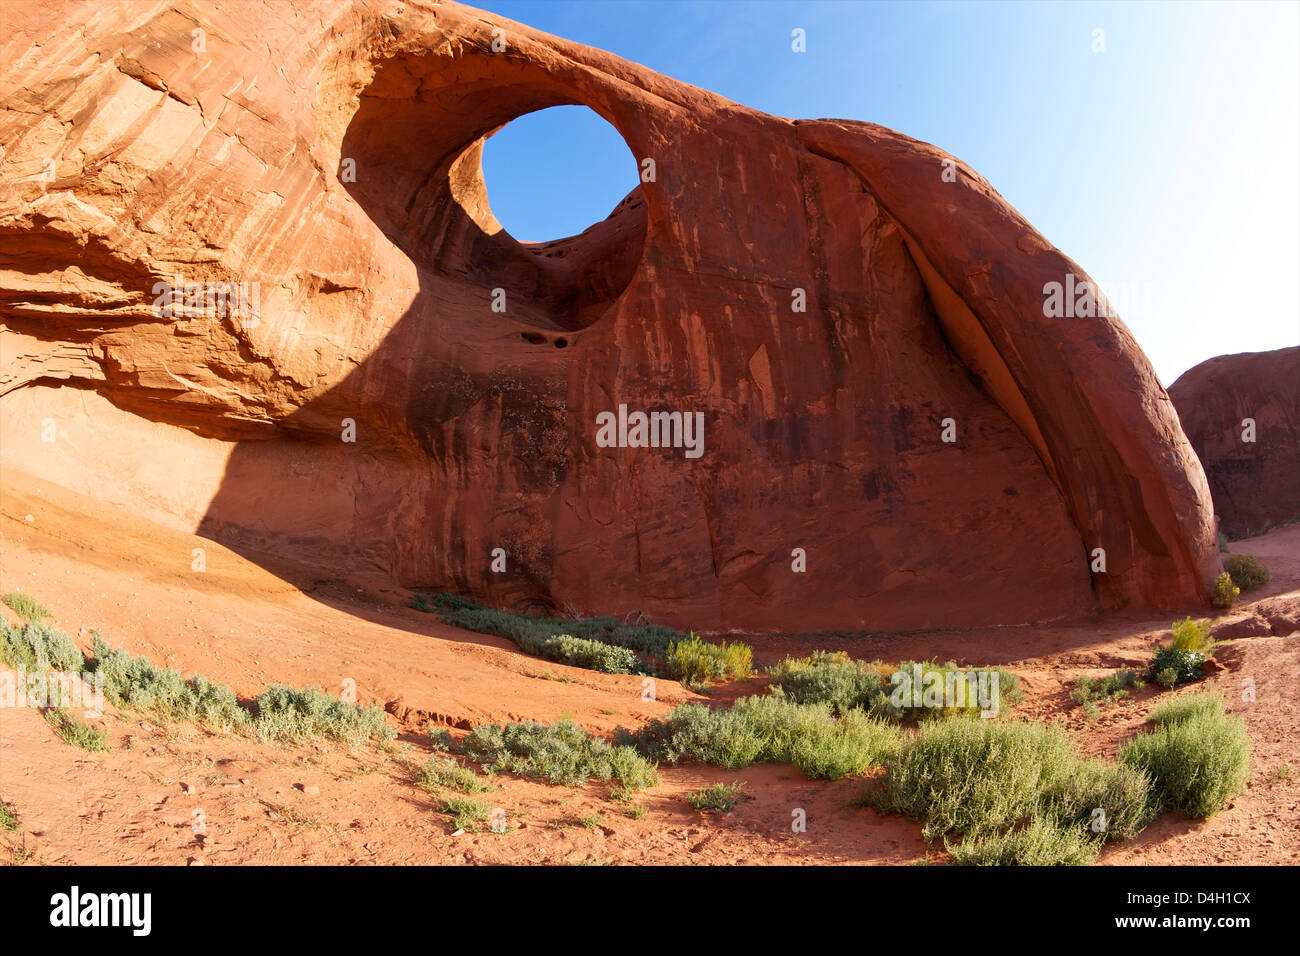 Orecchio del vento, il parco tribale Navajo Monument Valley, Utah, Stati Uniti d'America Immagini Stock